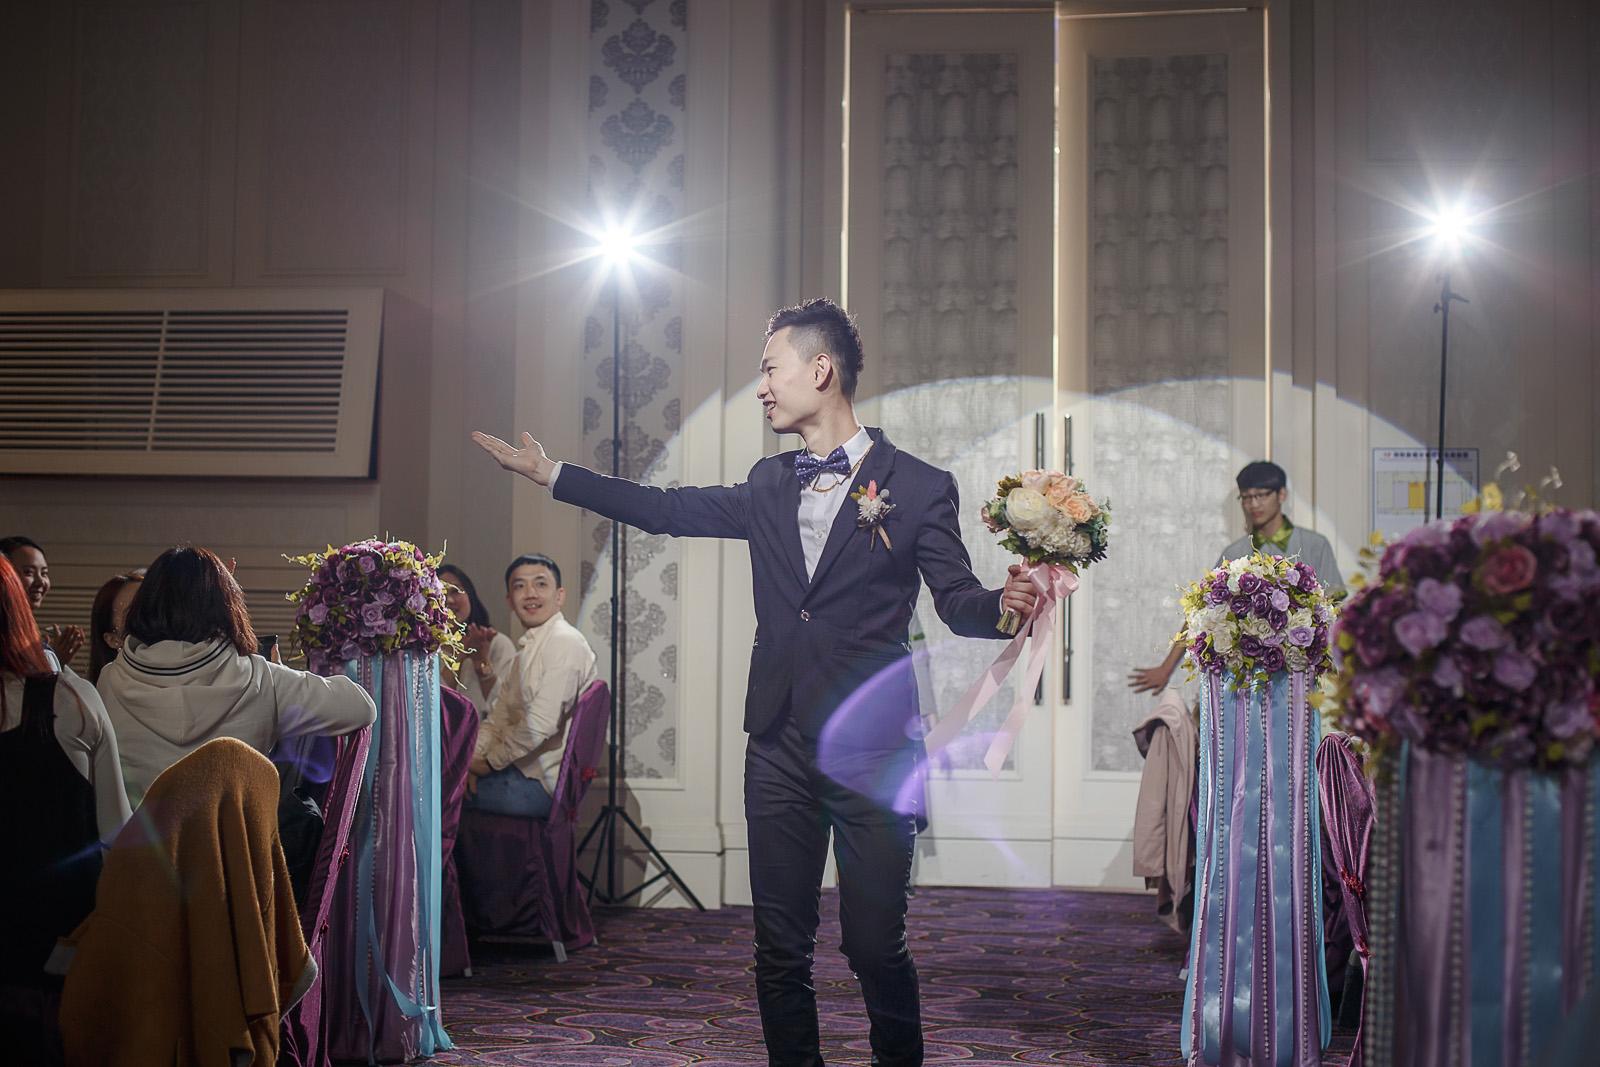 高雄圓山飯店,婚禮攝影,婚攝,高雄婚攝,優質婚攝推薦,Jen&Ethan-239